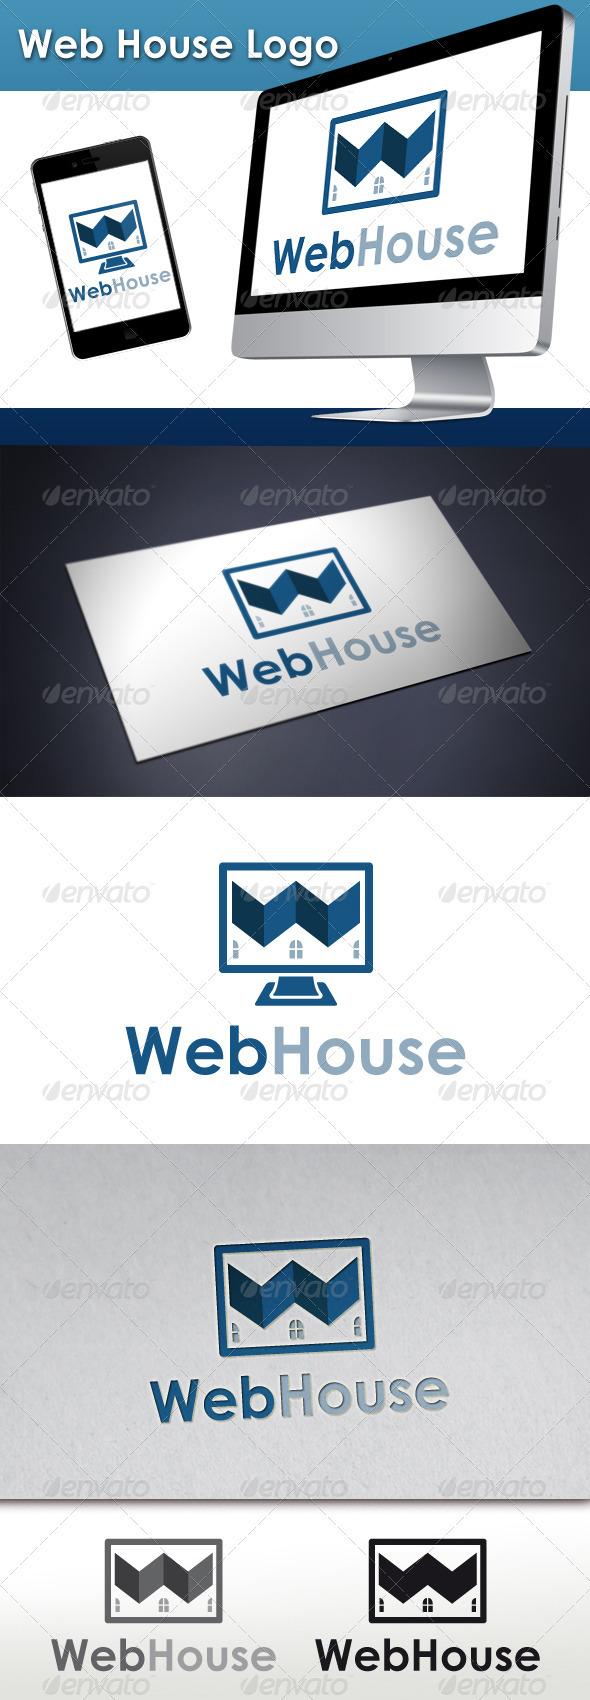 GraphicRiver Web House Logo 3409121